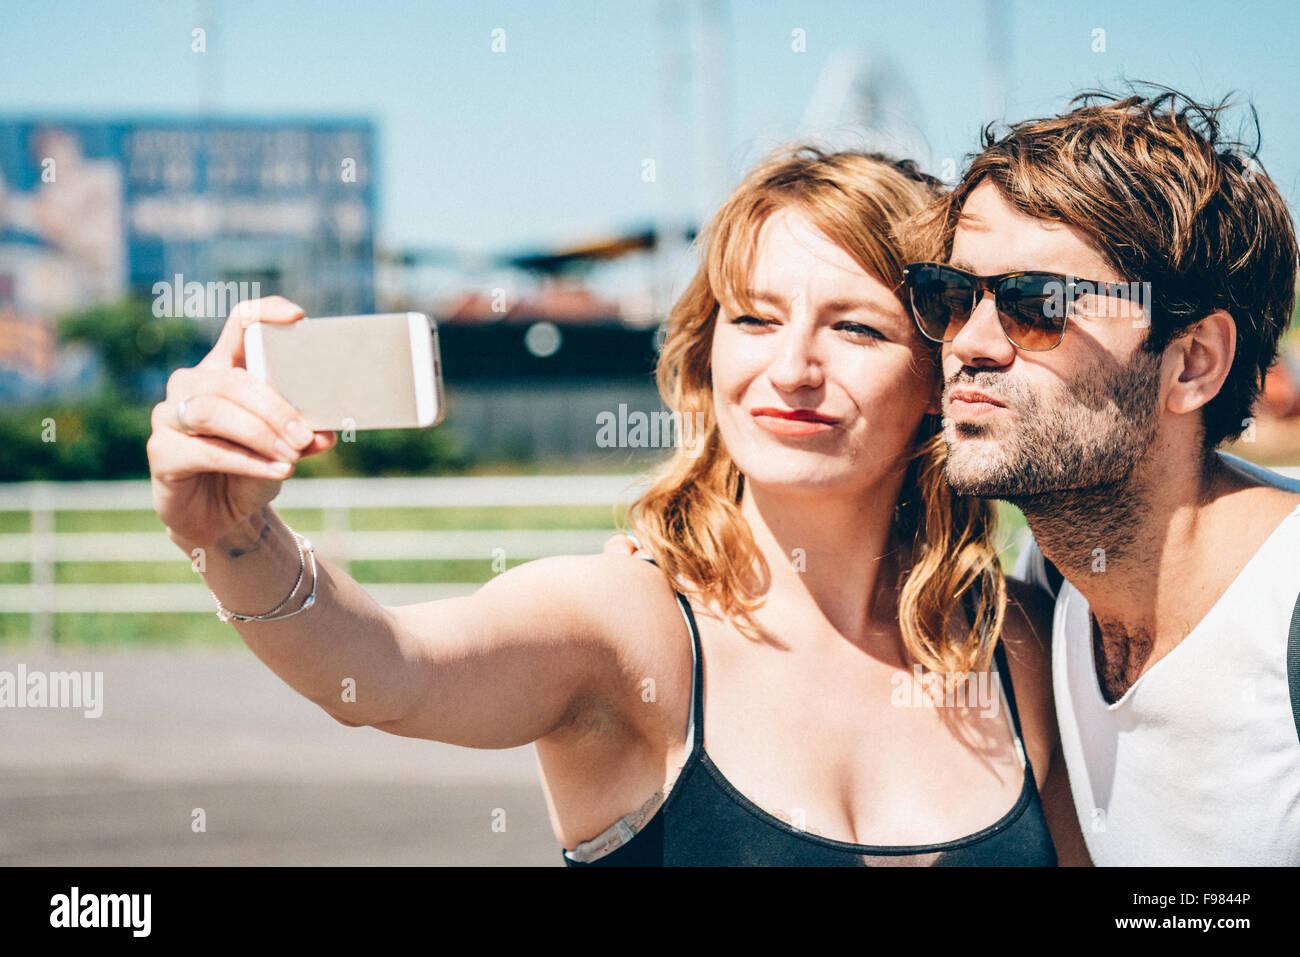 Feliz amigos haciendo clic en Selfie teléfono inteligente mientras está parado afuera Imagen De Stock